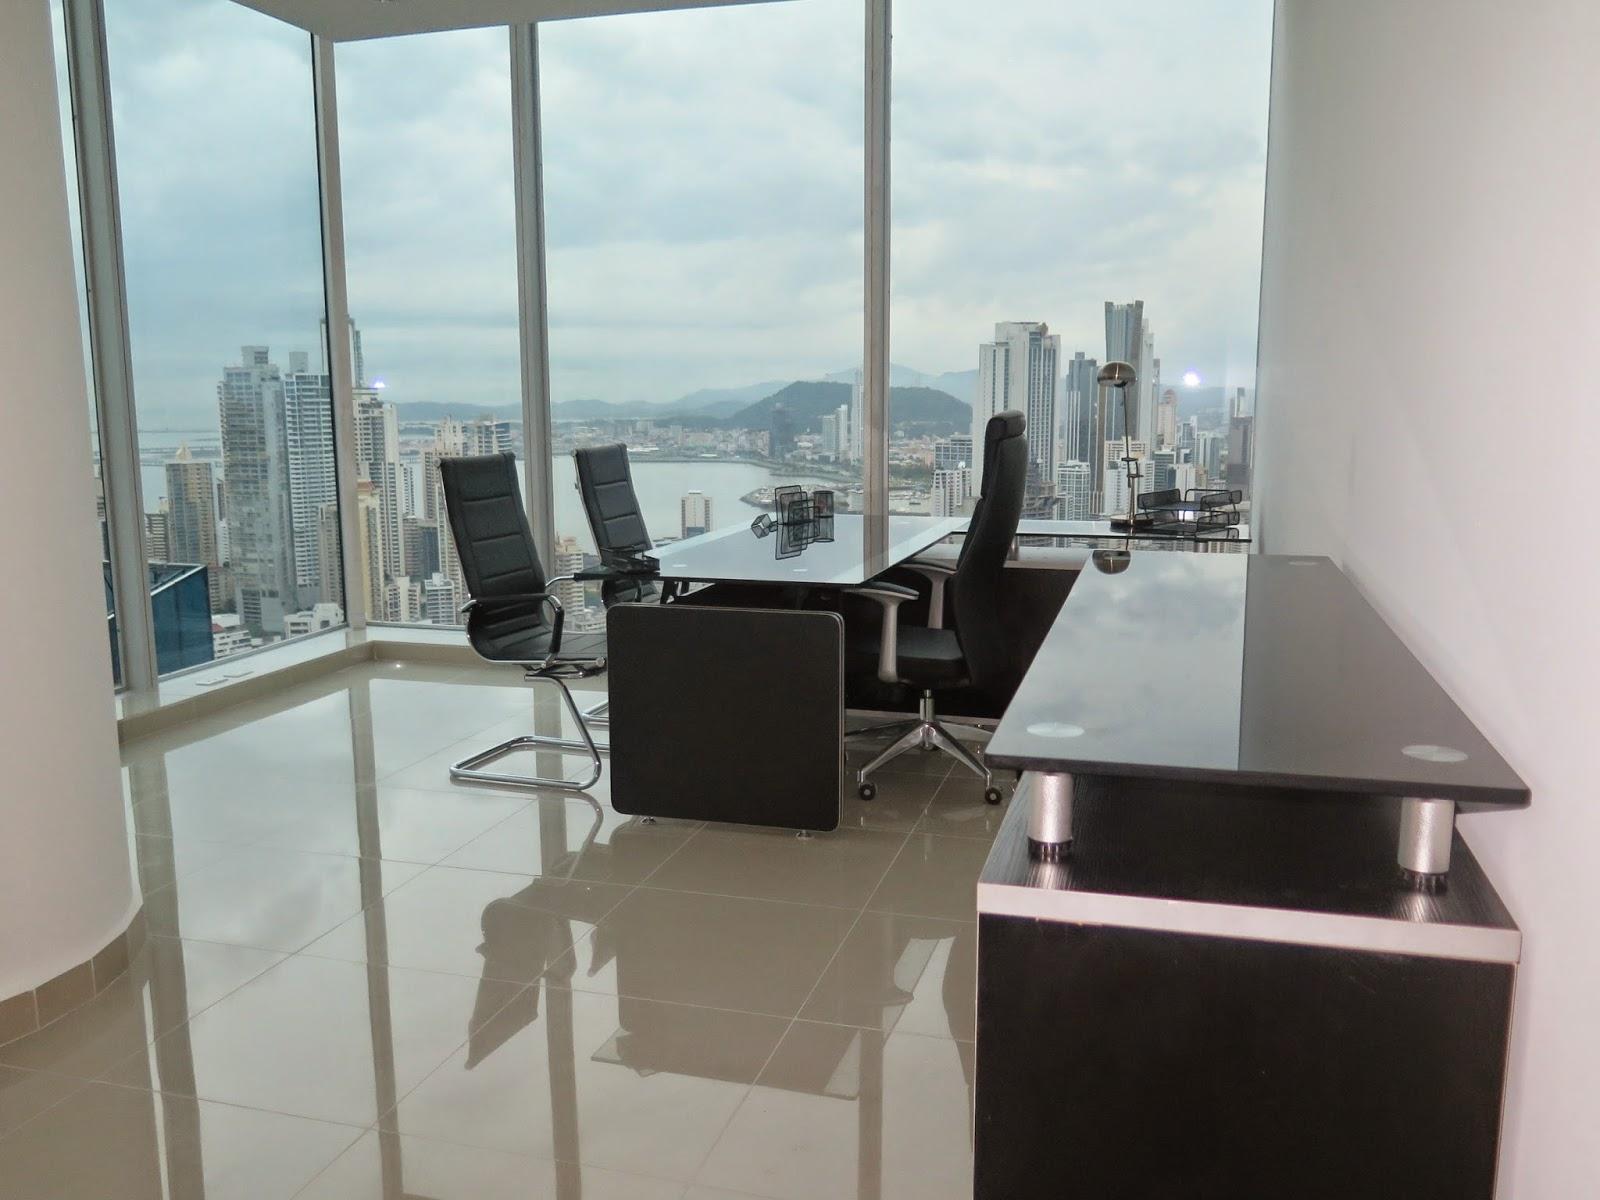 Bienvenido a gocsa oficinas ejecutivas en panama for Oficina ejecutiva